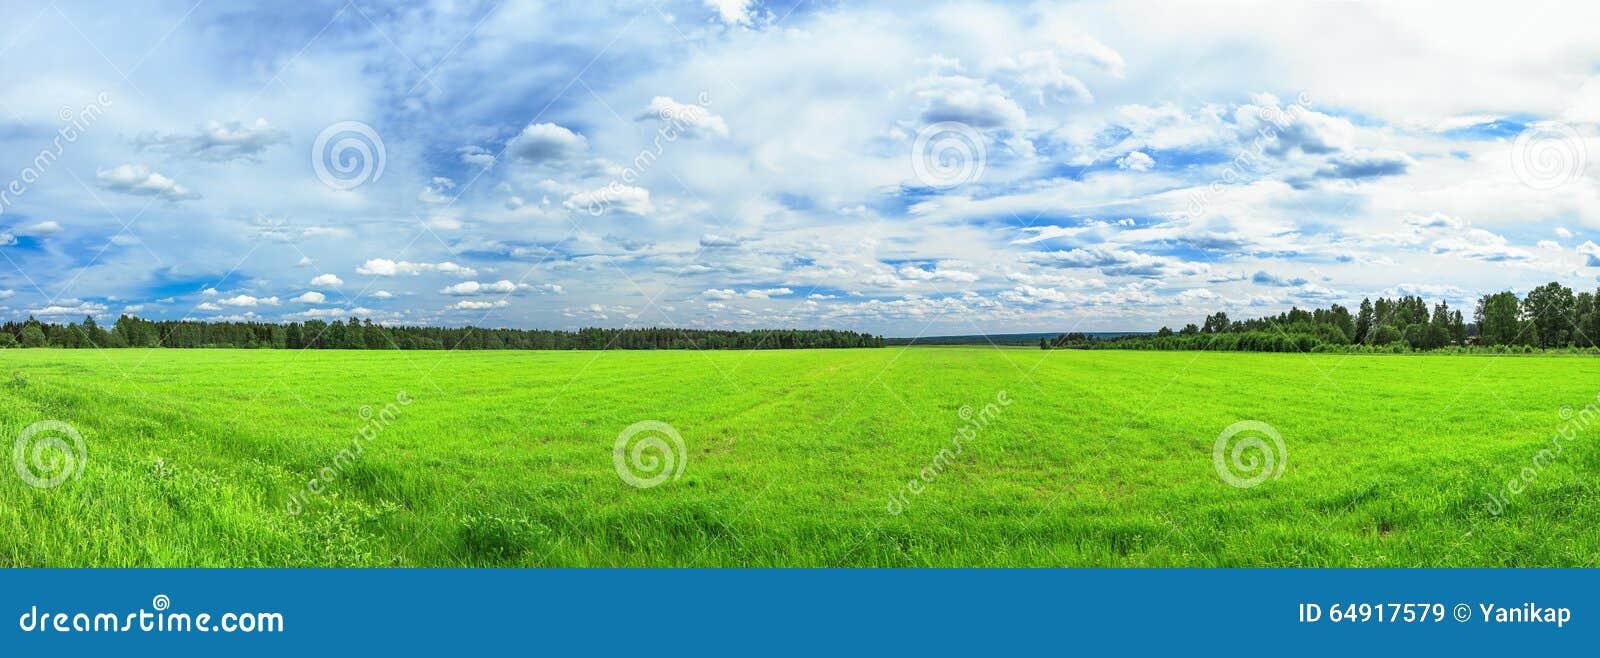 Paysage rural d été un panorama avec un champ et le ciel bleu